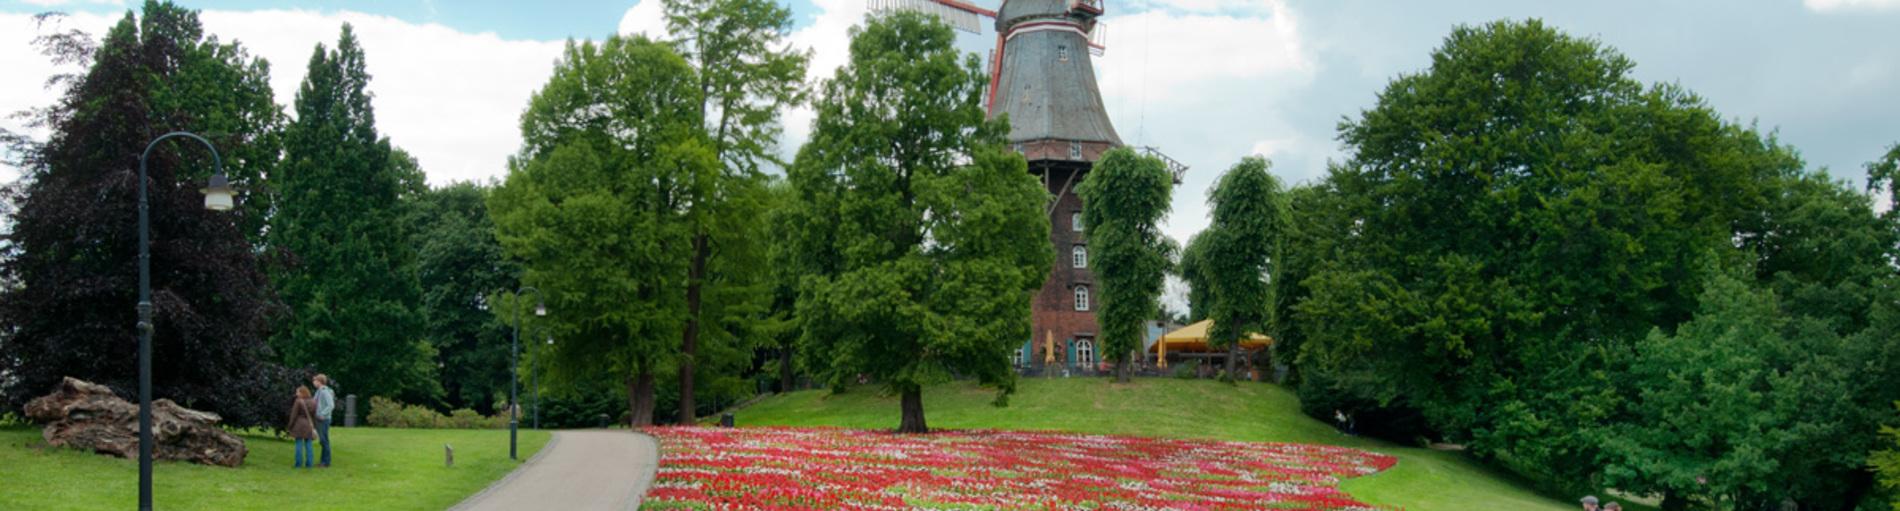 Eine Mühle auf einer Erhebung, davor ein großes Blumenbeet